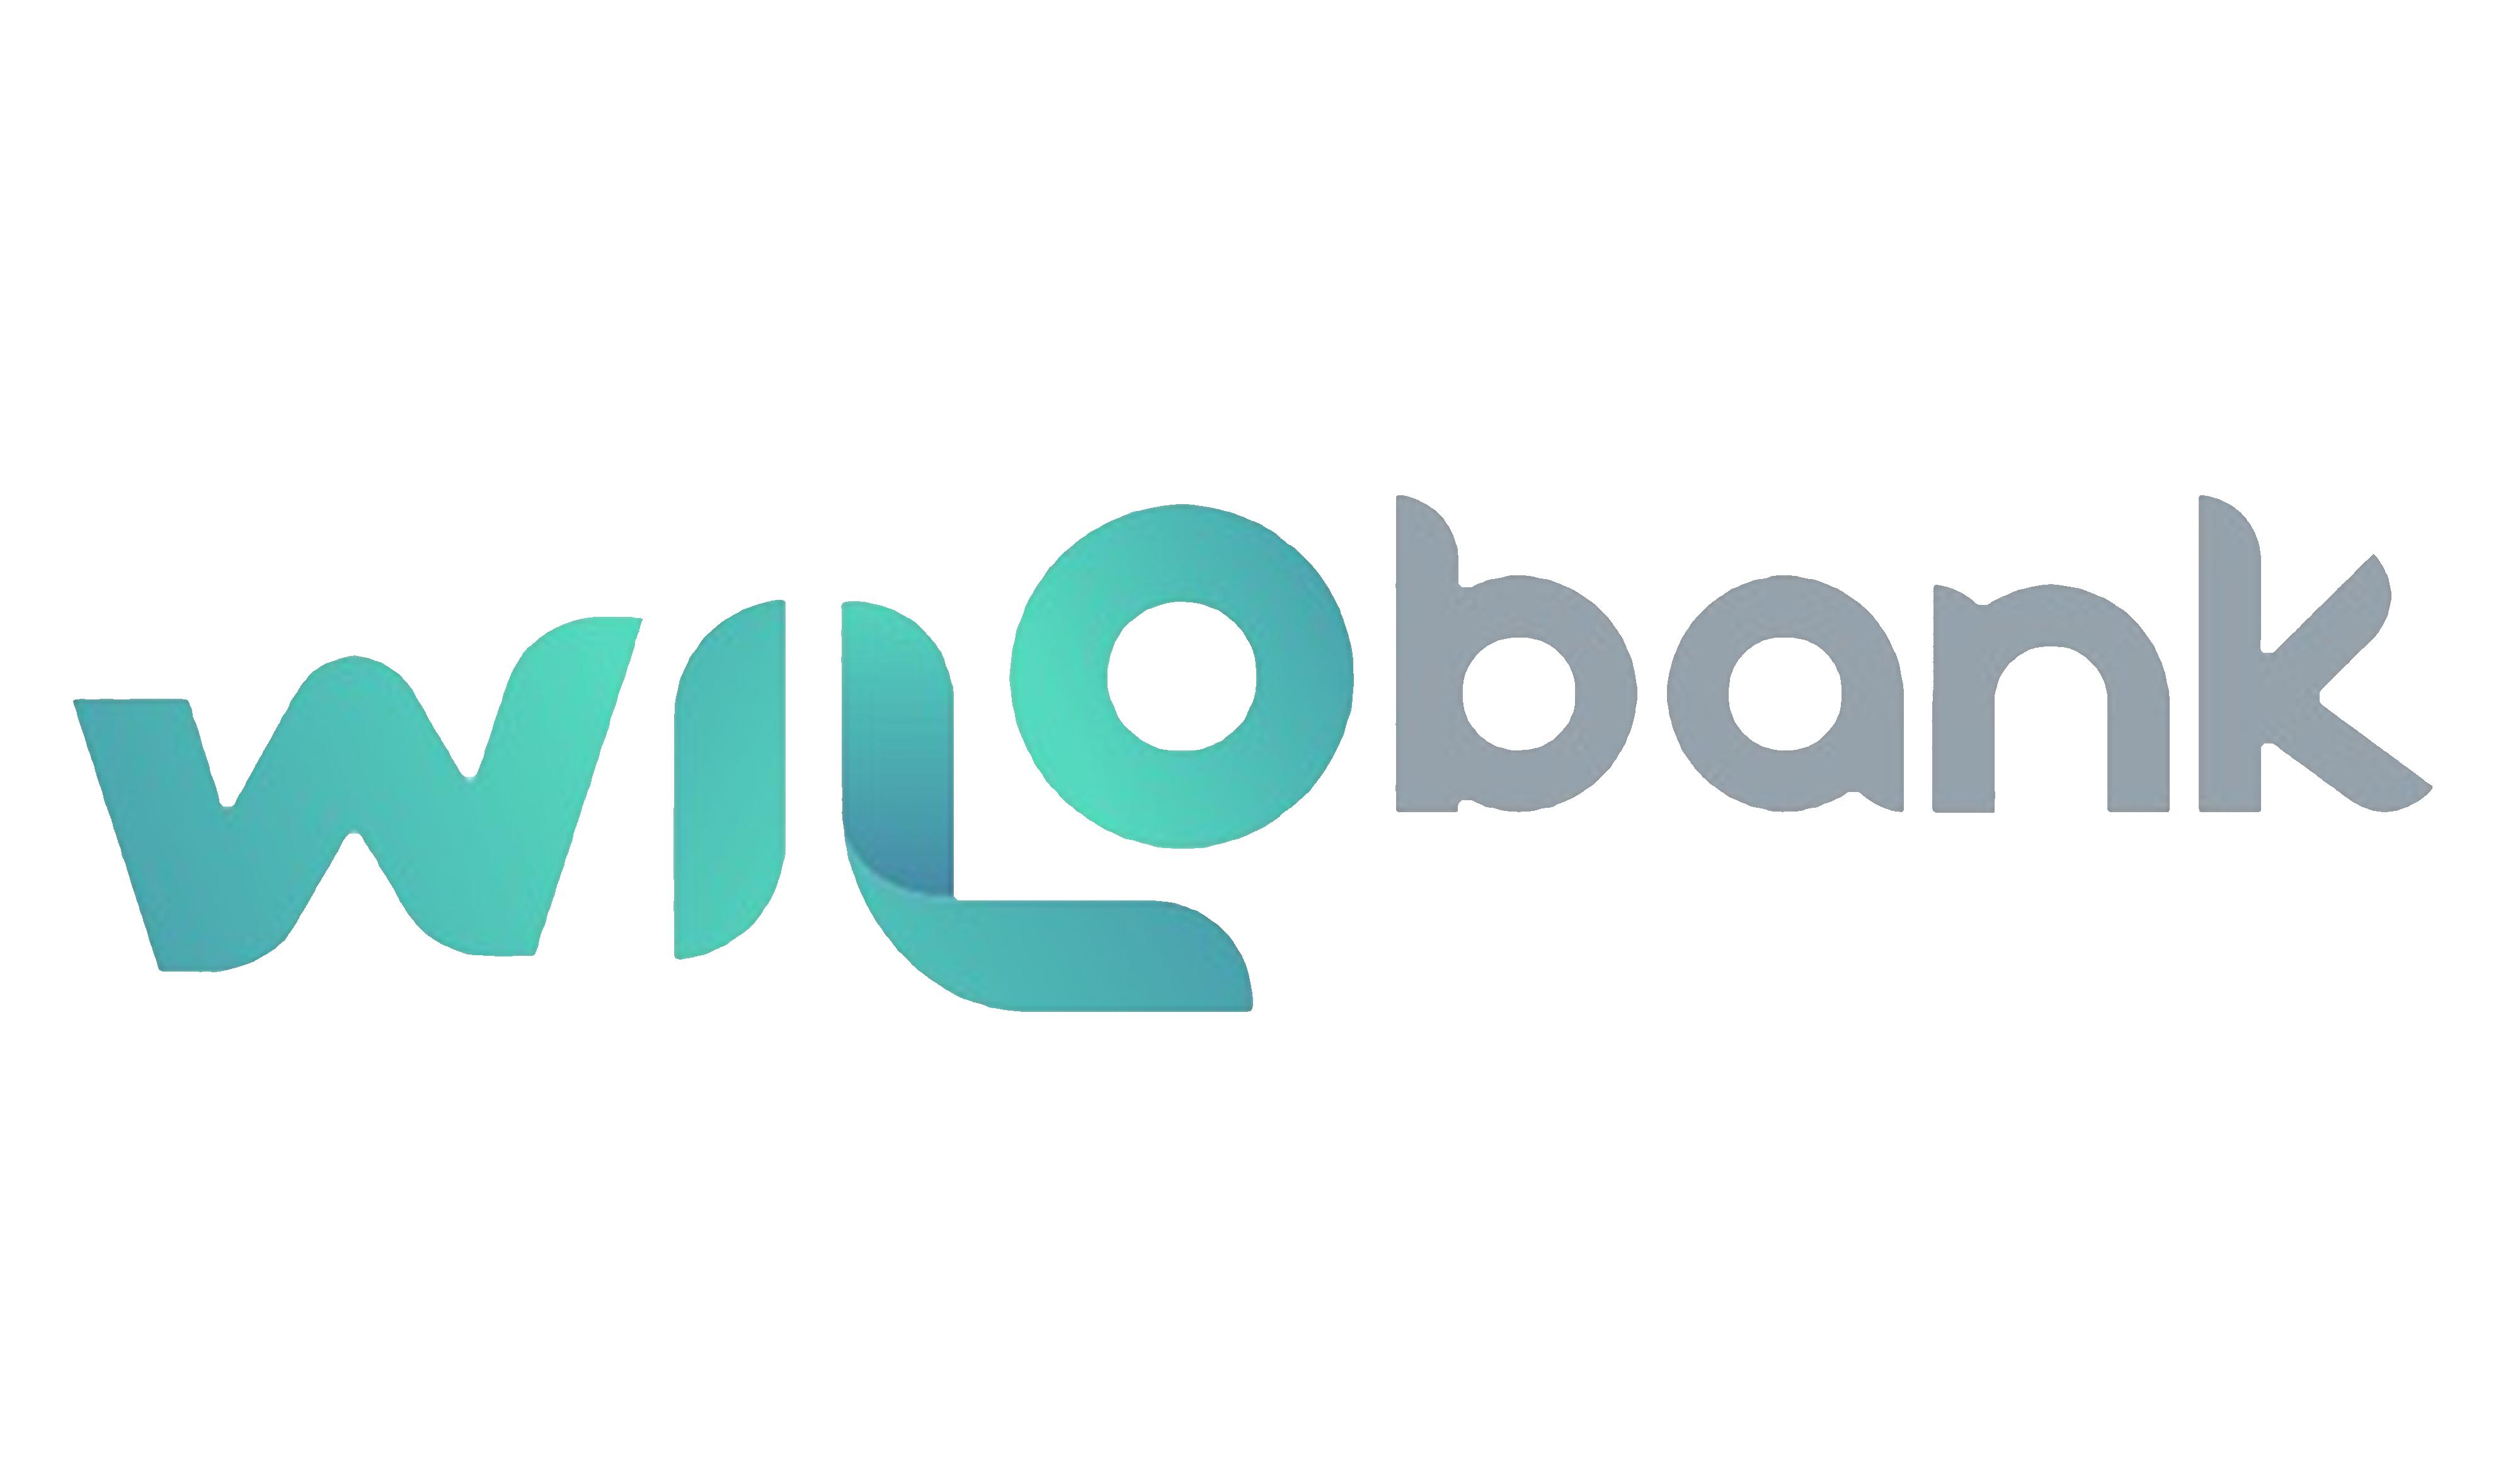 Banco Wilobank